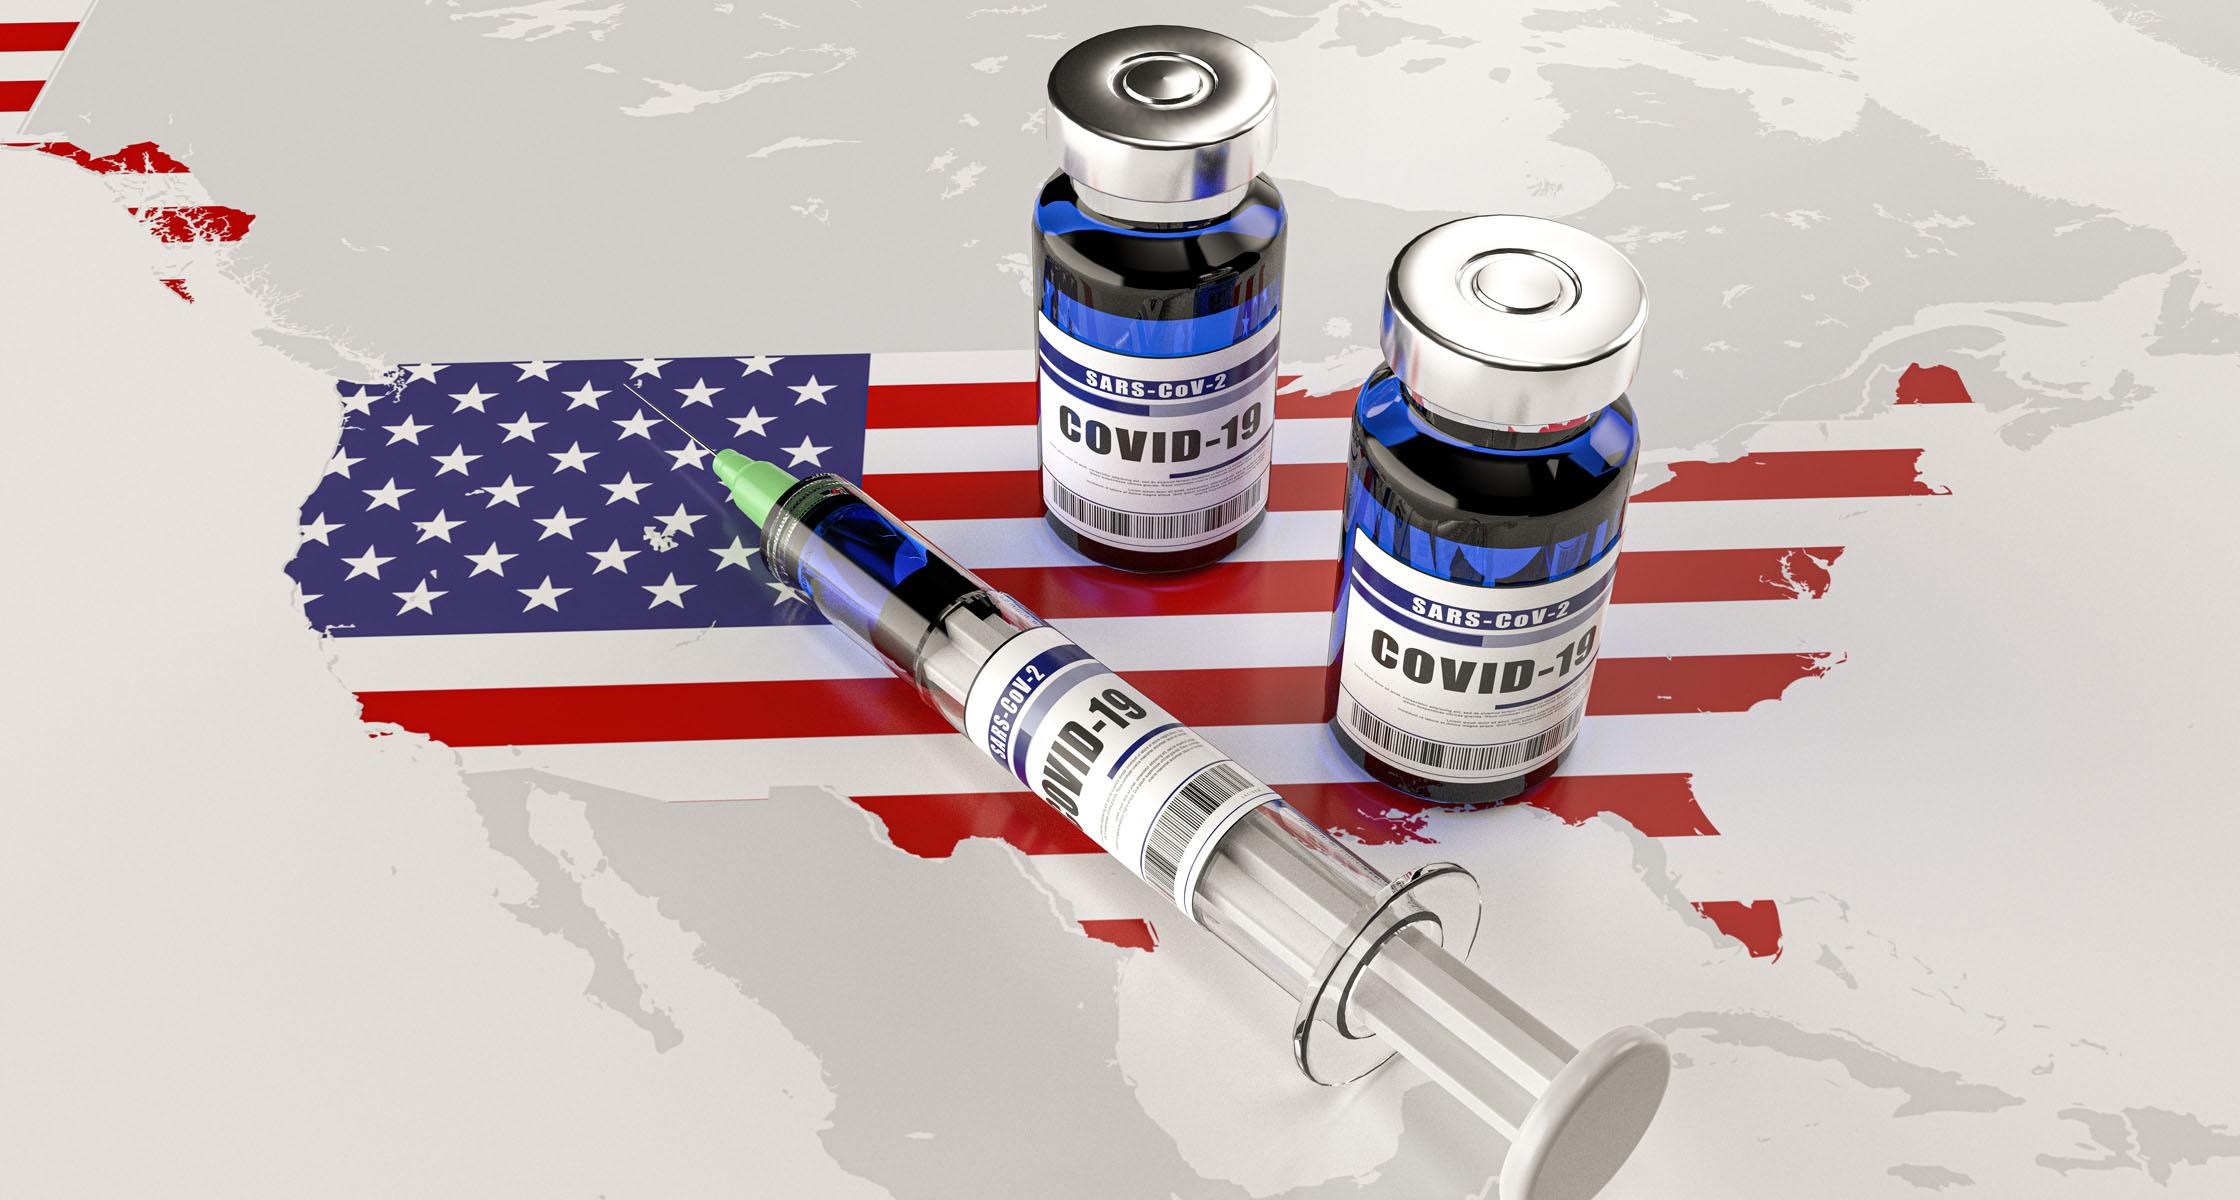 USA: Jeder Fünfte geimpft, Diskussionen um Impfpass